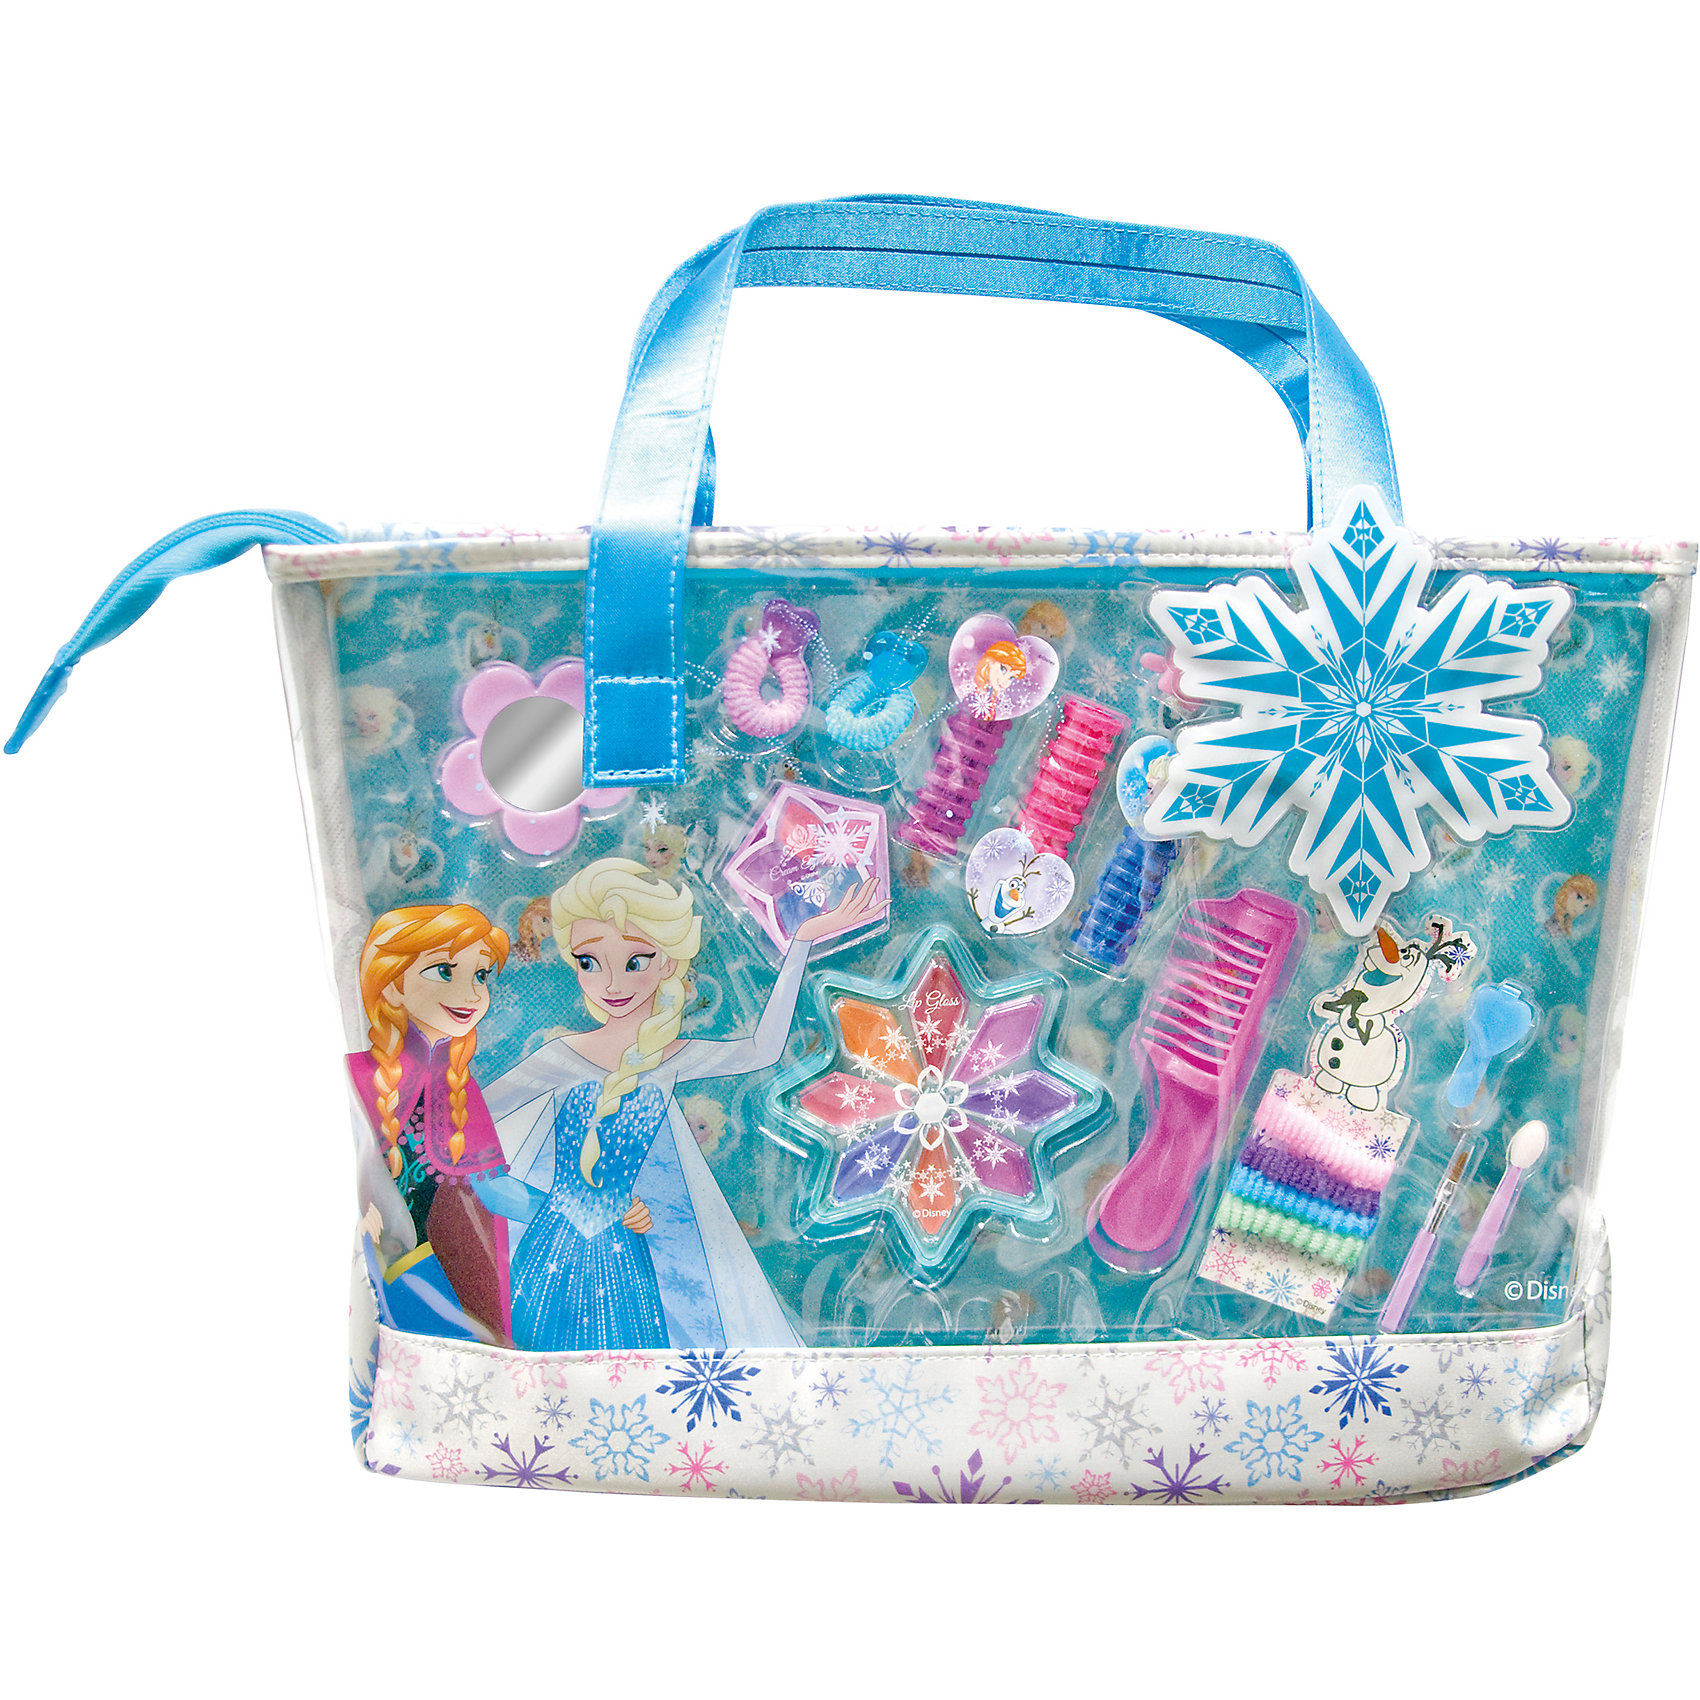 Игровой набор детской декоративной косметики в сумке, Холодное сердцеХарактеристики:<br><br>• Наименование: детская декоративная косметика<br>• Предназначение: для сюжетно-ролевых игр<br>• Серия: Холодное сердце<br>• Пол: для девочки<br>• Материал: натуральные косметические компоненты, пластик, текстиль<br>• Цвет: розовый, сиреневый, оранжевый, красный, голубой и др.<br>• Комплектация: 3 мелка для окрашивания волос, 8 оттенков блеска для губ, 5 оттенков кремовых теней для век, зеркальце, 6 резинок для волос, 2 заколочки для волос, расчёска, кисть для нанесения блеска для губ, аппликатор для нанесения теней для век, сумочка<br>• Размеры (Д*Ш*В): 35*25,5*8,5 см<br>• Вес: 300 г <br>• Упаковка: сумочка с ручками<br><br>Игровой набор детской декоративной косметики в сумке, Холодное сердце – это набор игровой детской косметики от Markwins, которая вот уже несколько десятилетий специализируется на выпуске детской косметики. Рецептура декоративной детской косметики разработана совместно с косметологами и медиками, в основе рецептуры – водная основа, а потому она гипоаллергенны, не вызывает раздражений на детской коже и легко смывается, не оставляя следа. Безопасность продукции подтверждена международными сертификатами качества и безопасности. <br>Игровой набор детской декоративной косметики состоит всех необходимых средств для создания праздничного образа, для этого имеются тени, блеск, мелки для окрашивания волос. Для создания праздничной прически в комплекте предусмотрены заколки и резиночки для волос. Весь набор упакован в стильную сумочку. Косметические средства, входящие в состав набора, имеют длительный срок хранения – 12 месяцев. Набор выполнен в брендовом дизайне популярной мультфильма Холодное сердце. Игровой набор детской декоративной косметики от Markwins может стать незаменимым праздничным подарком для любой маленькой модницы!<br><br>Игровой набор детской декоративной косметики в сумке, Холодное сердце можно купить в нашем интернет-магазине.<br><br>Ширина мм: 85